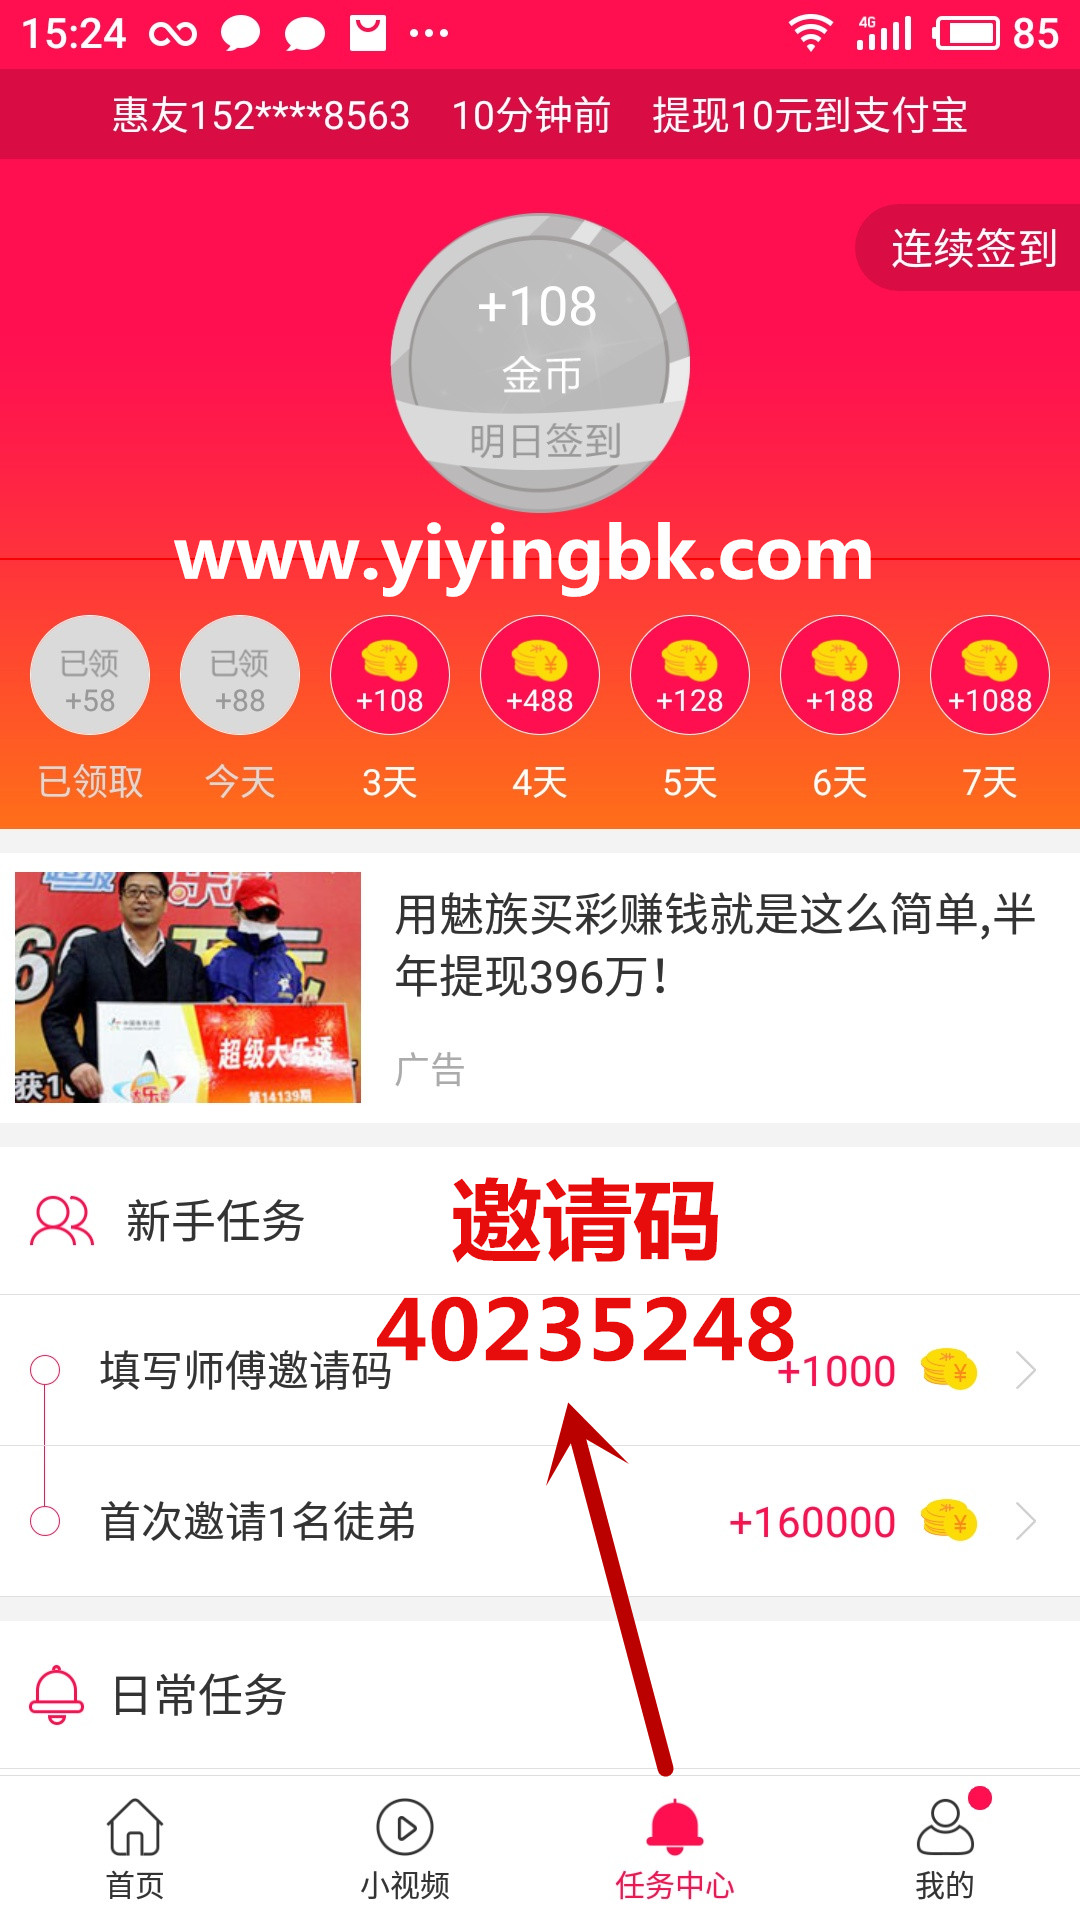 惠视频app邀请码40235248领取红包